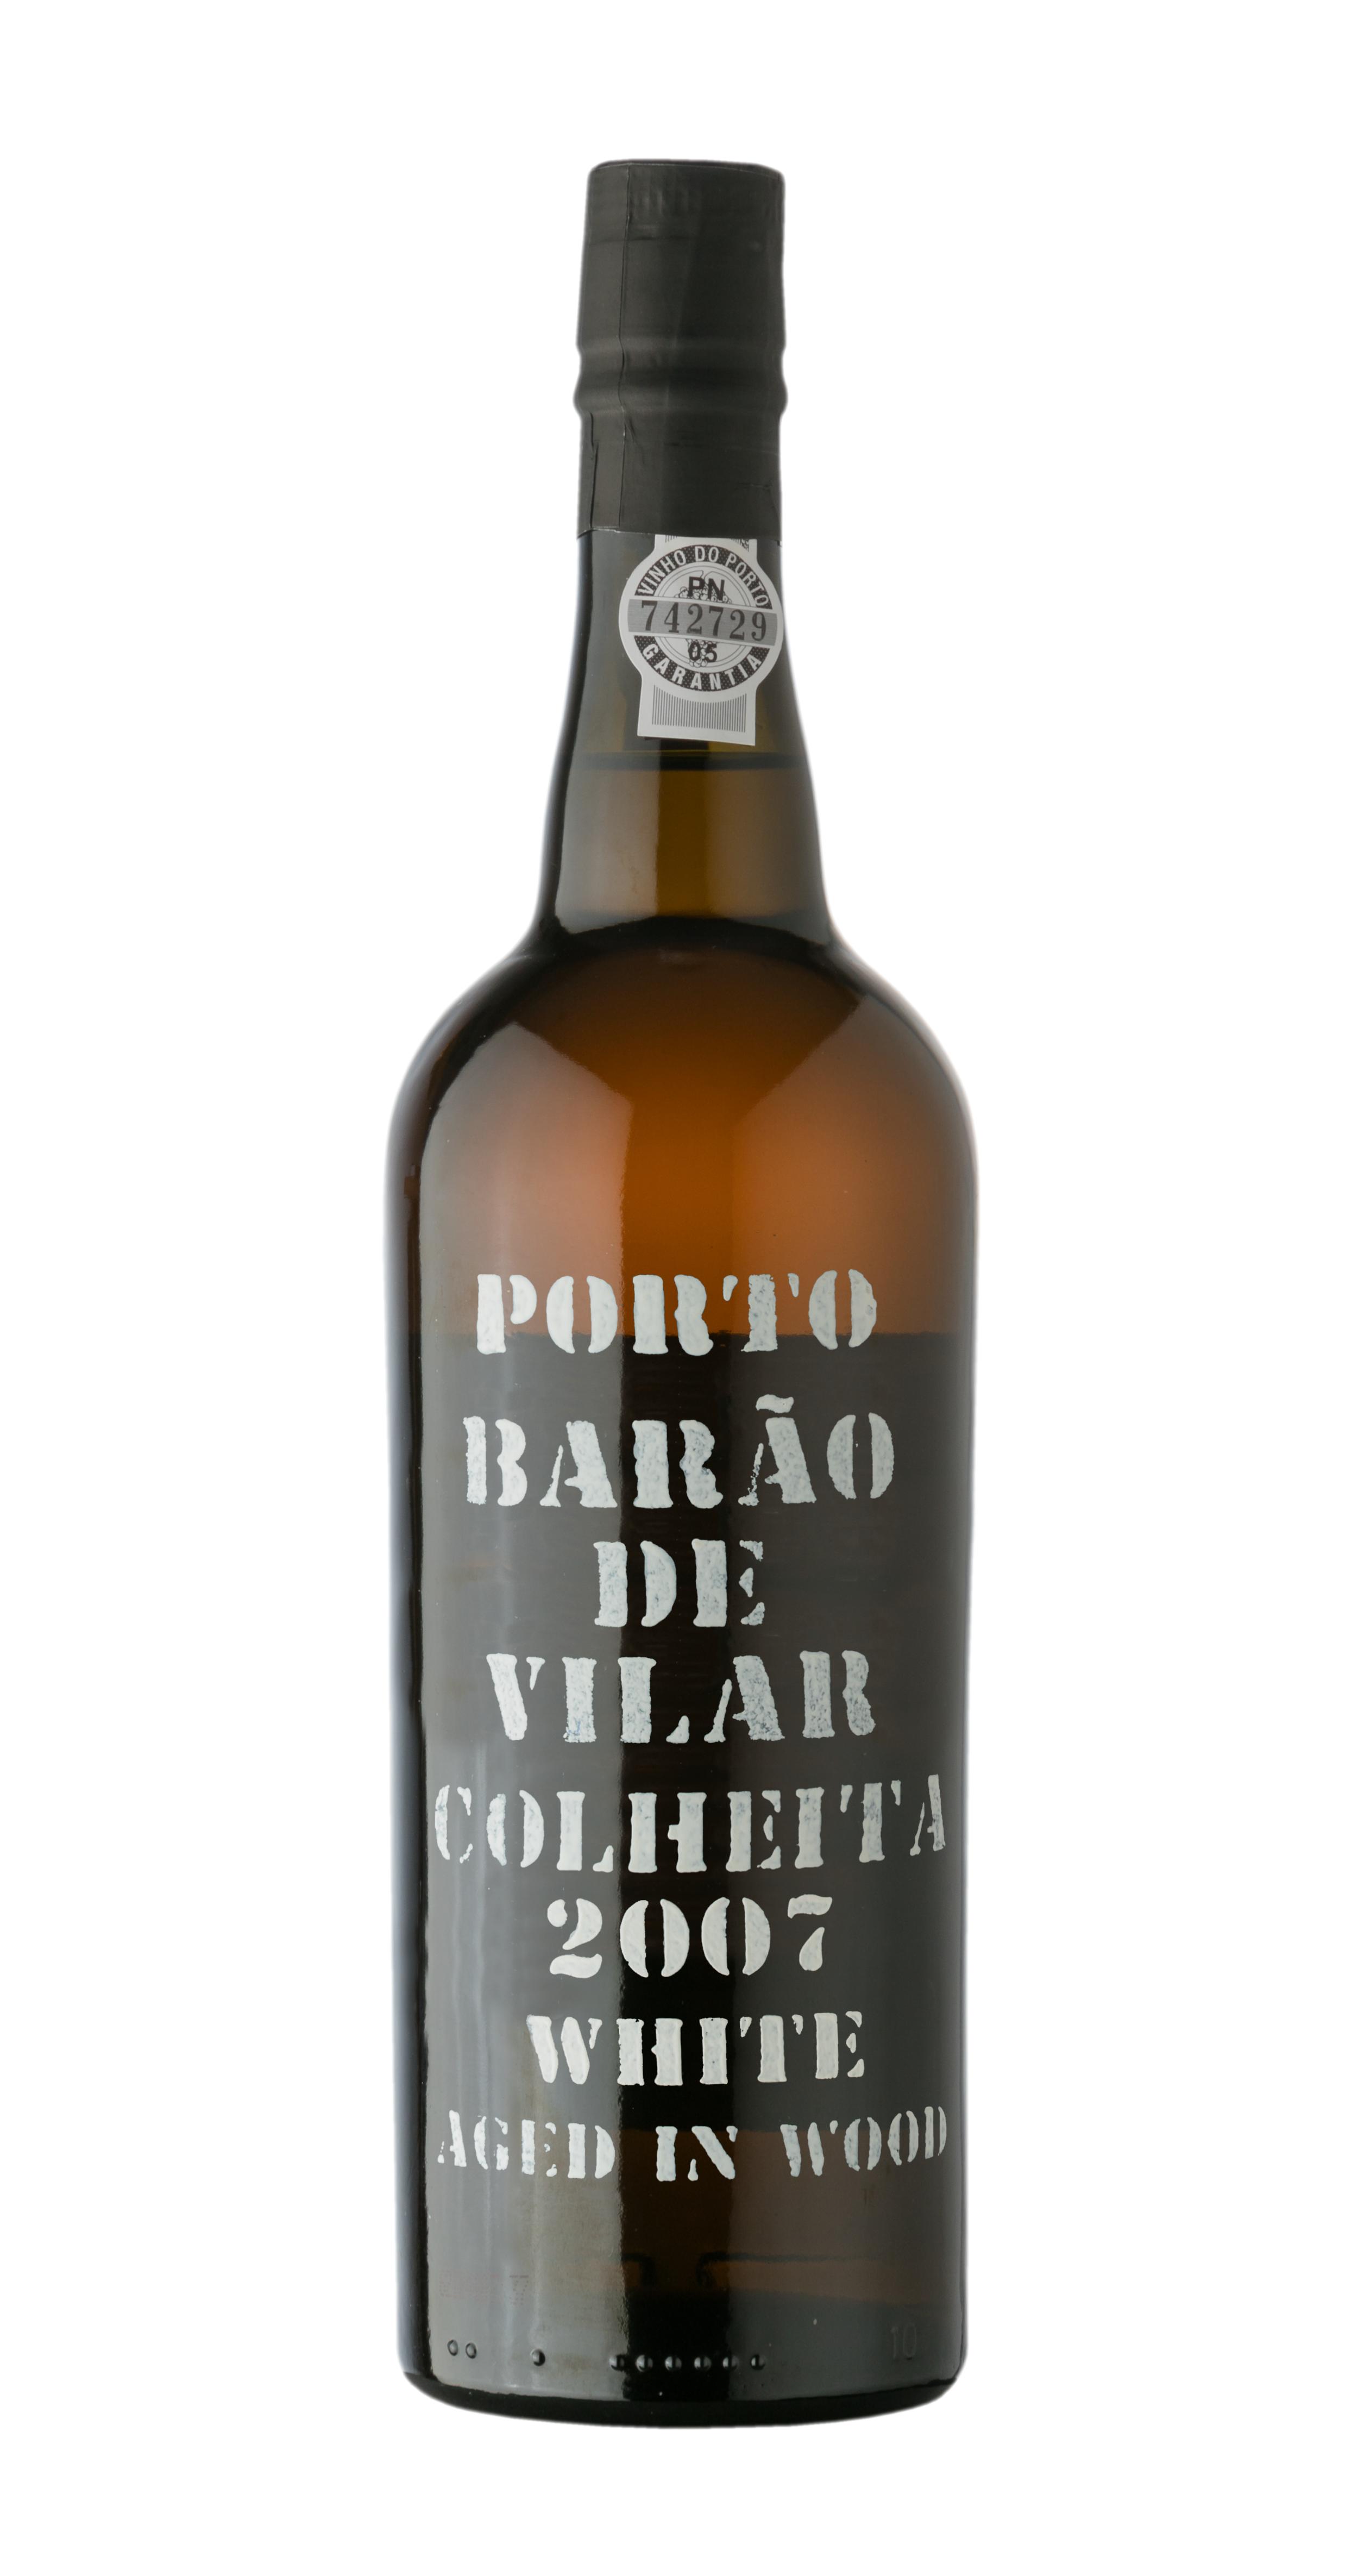 BARÃO DE VILAR WHITE